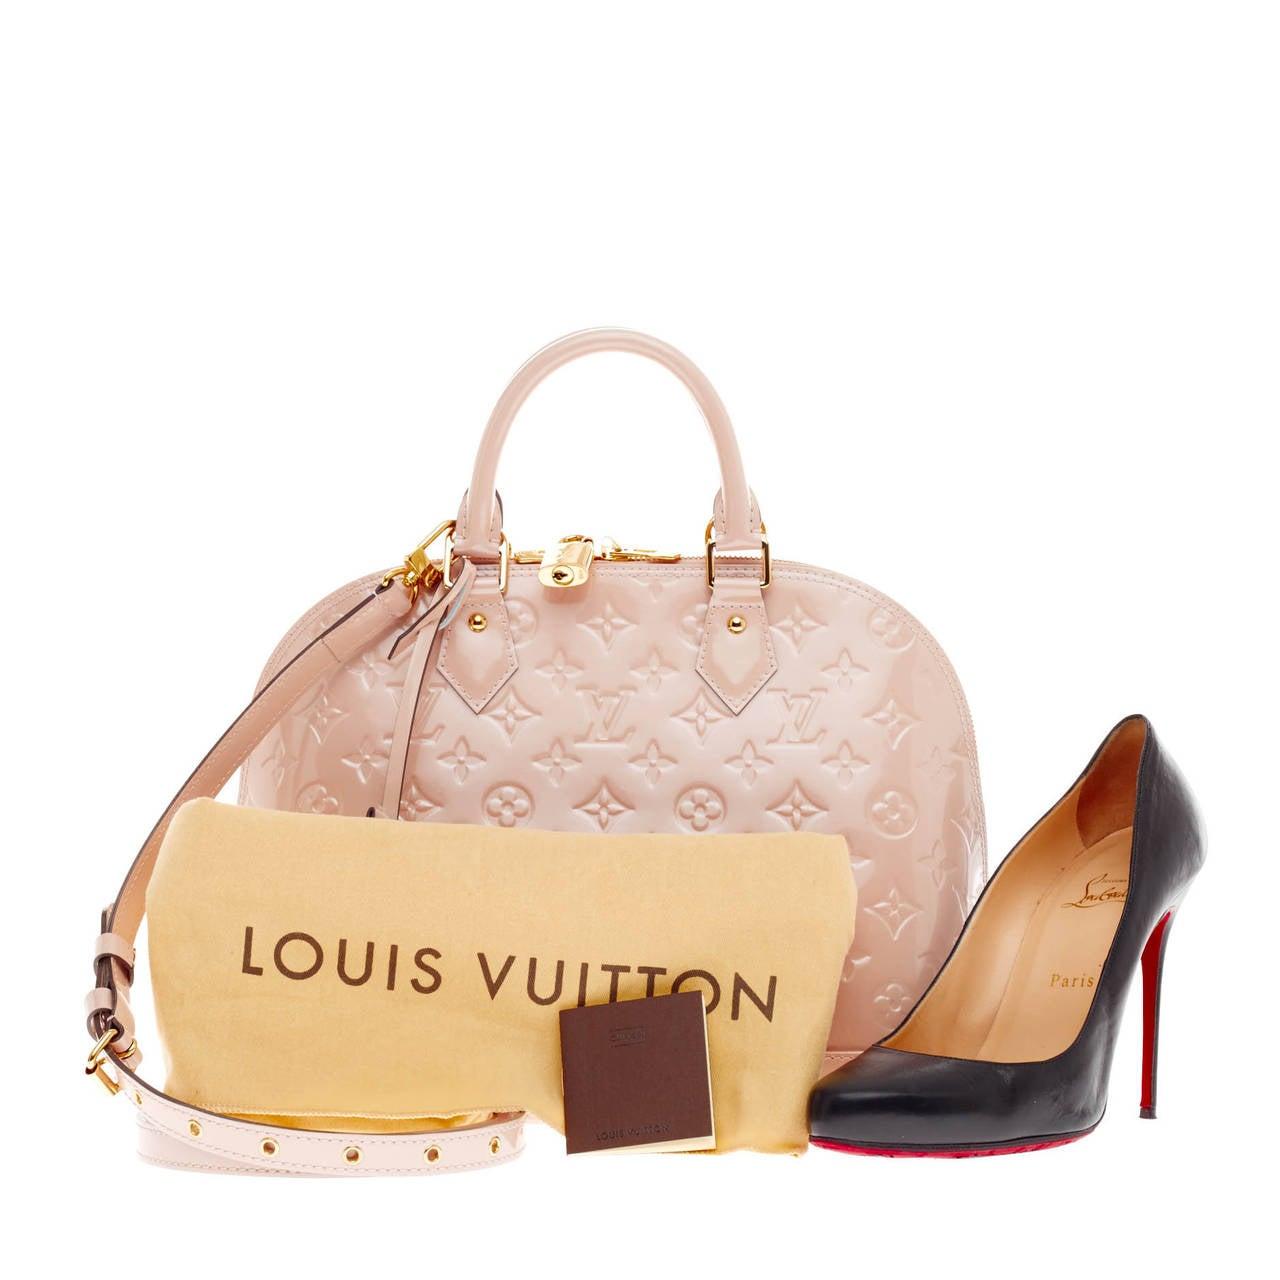 Louis Vuitton Alma Monogram Vernis PM 2